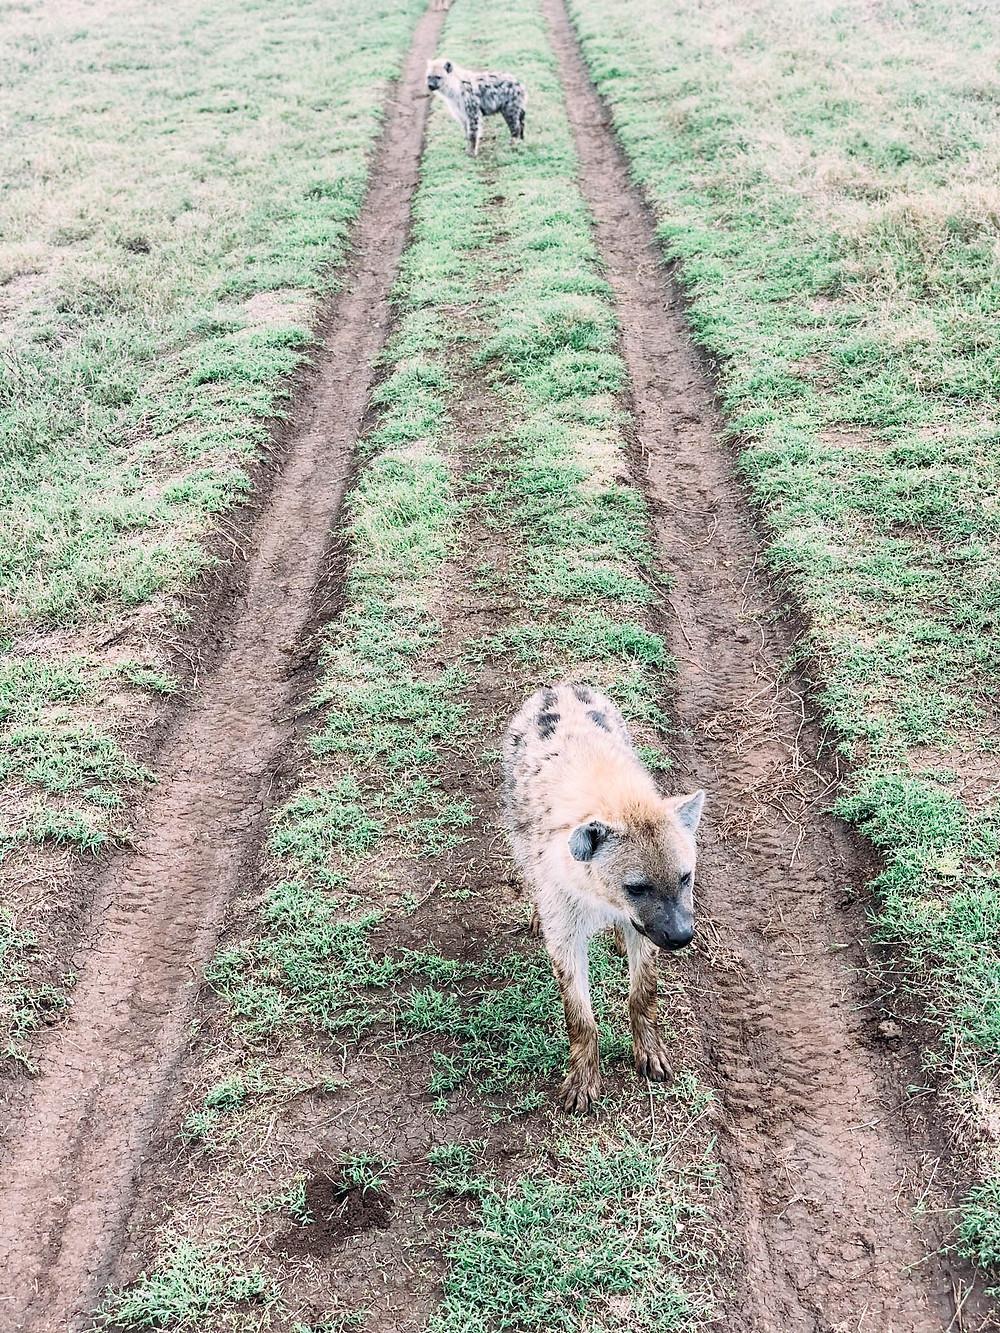 Stalking hyenas - absolutely terrifying